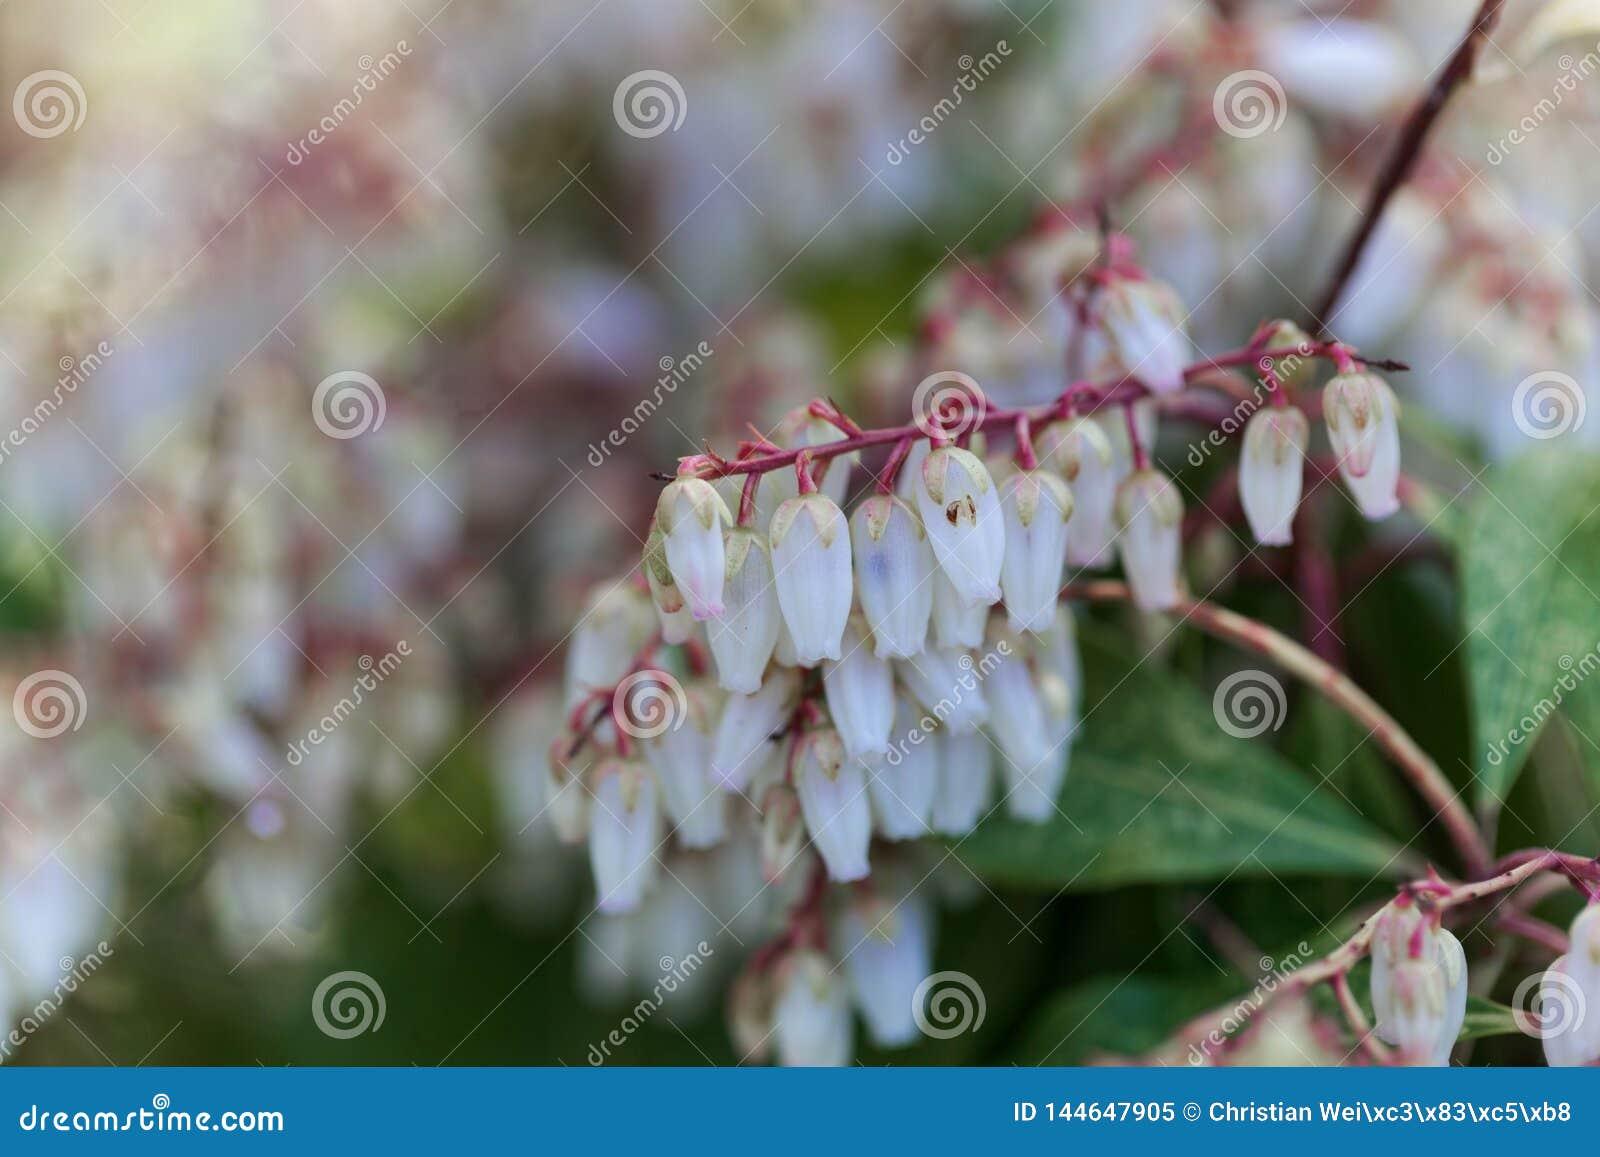 Blüten eines japanischen Andromeda, Pieris japonica